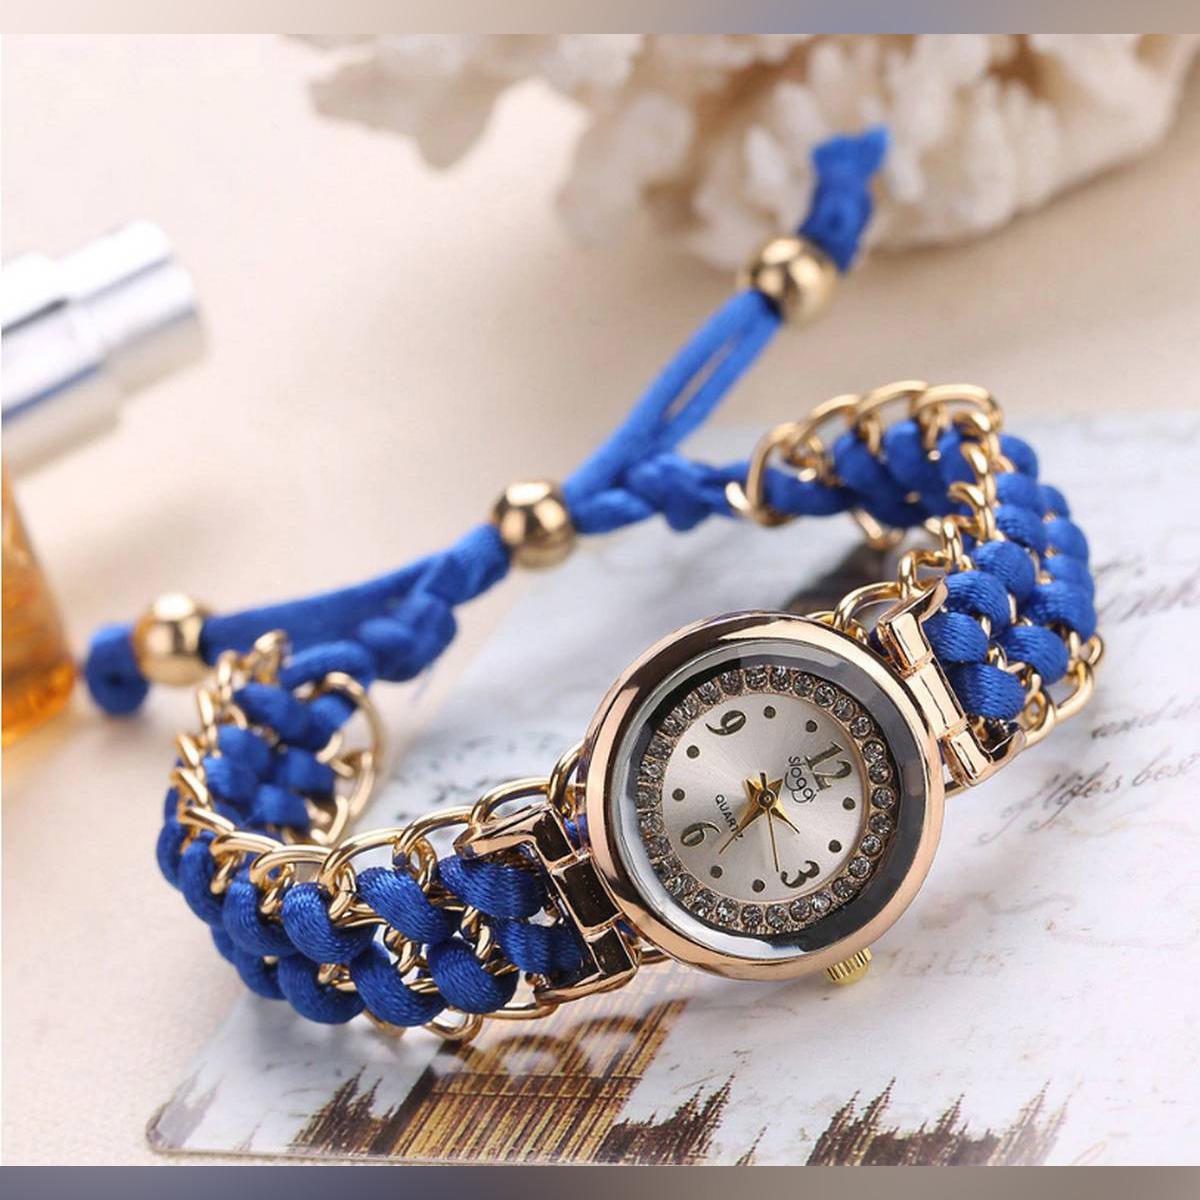 Luxury Bracelet knitting rope Watch For Women.